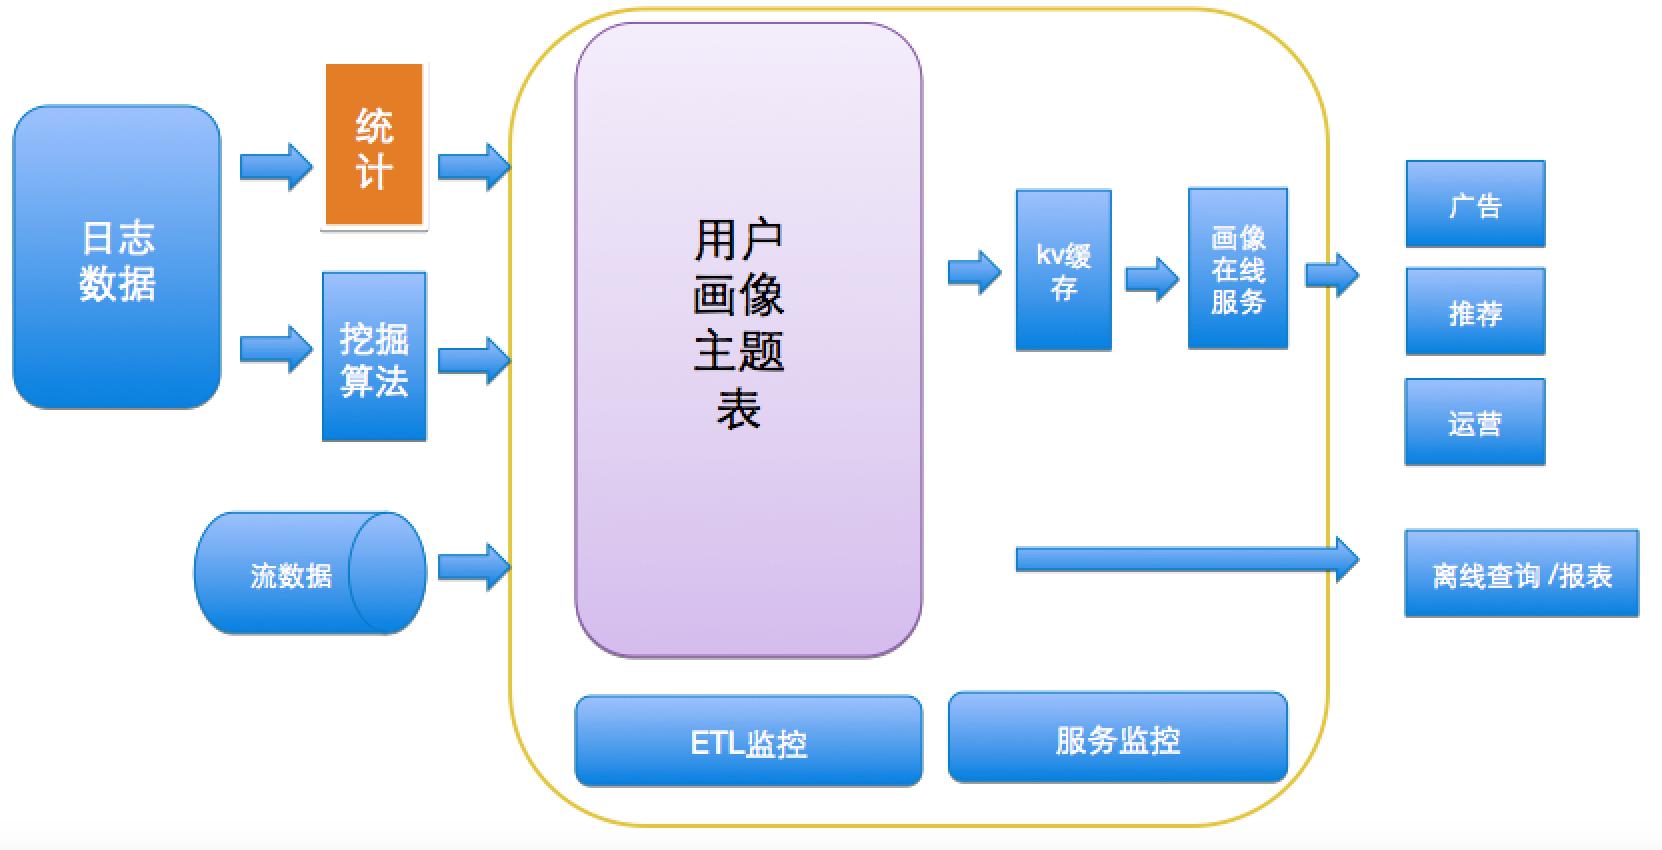 画像系统架构